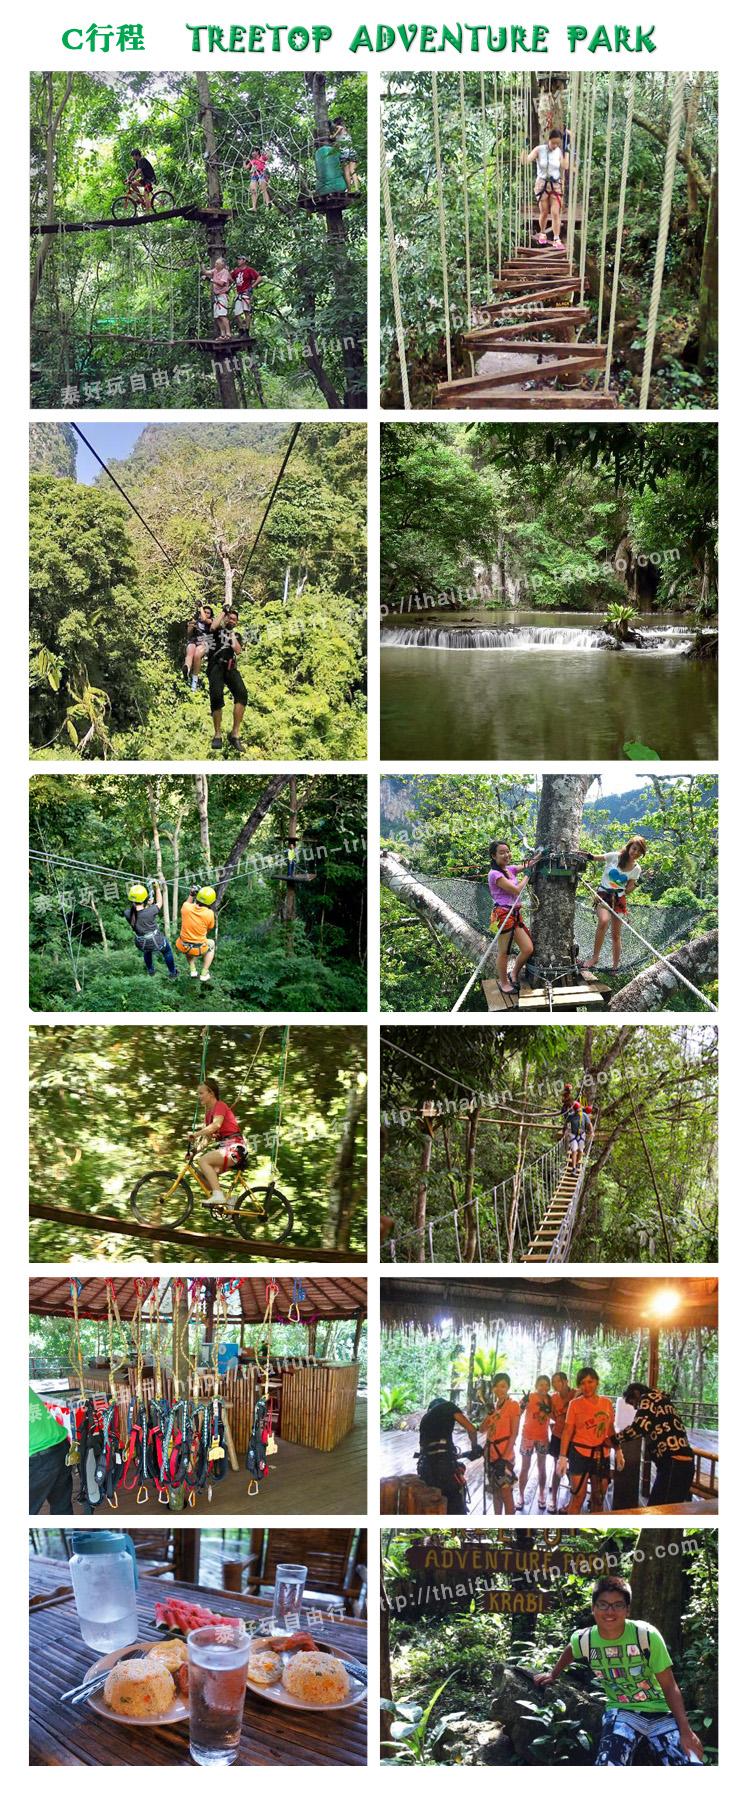 【甲米自由行攻略】甲米丛林飞跃探险公园 一日游半日游记 甲米去哪儿玩 - 泰好玩自由行 - 泰好玩自由行